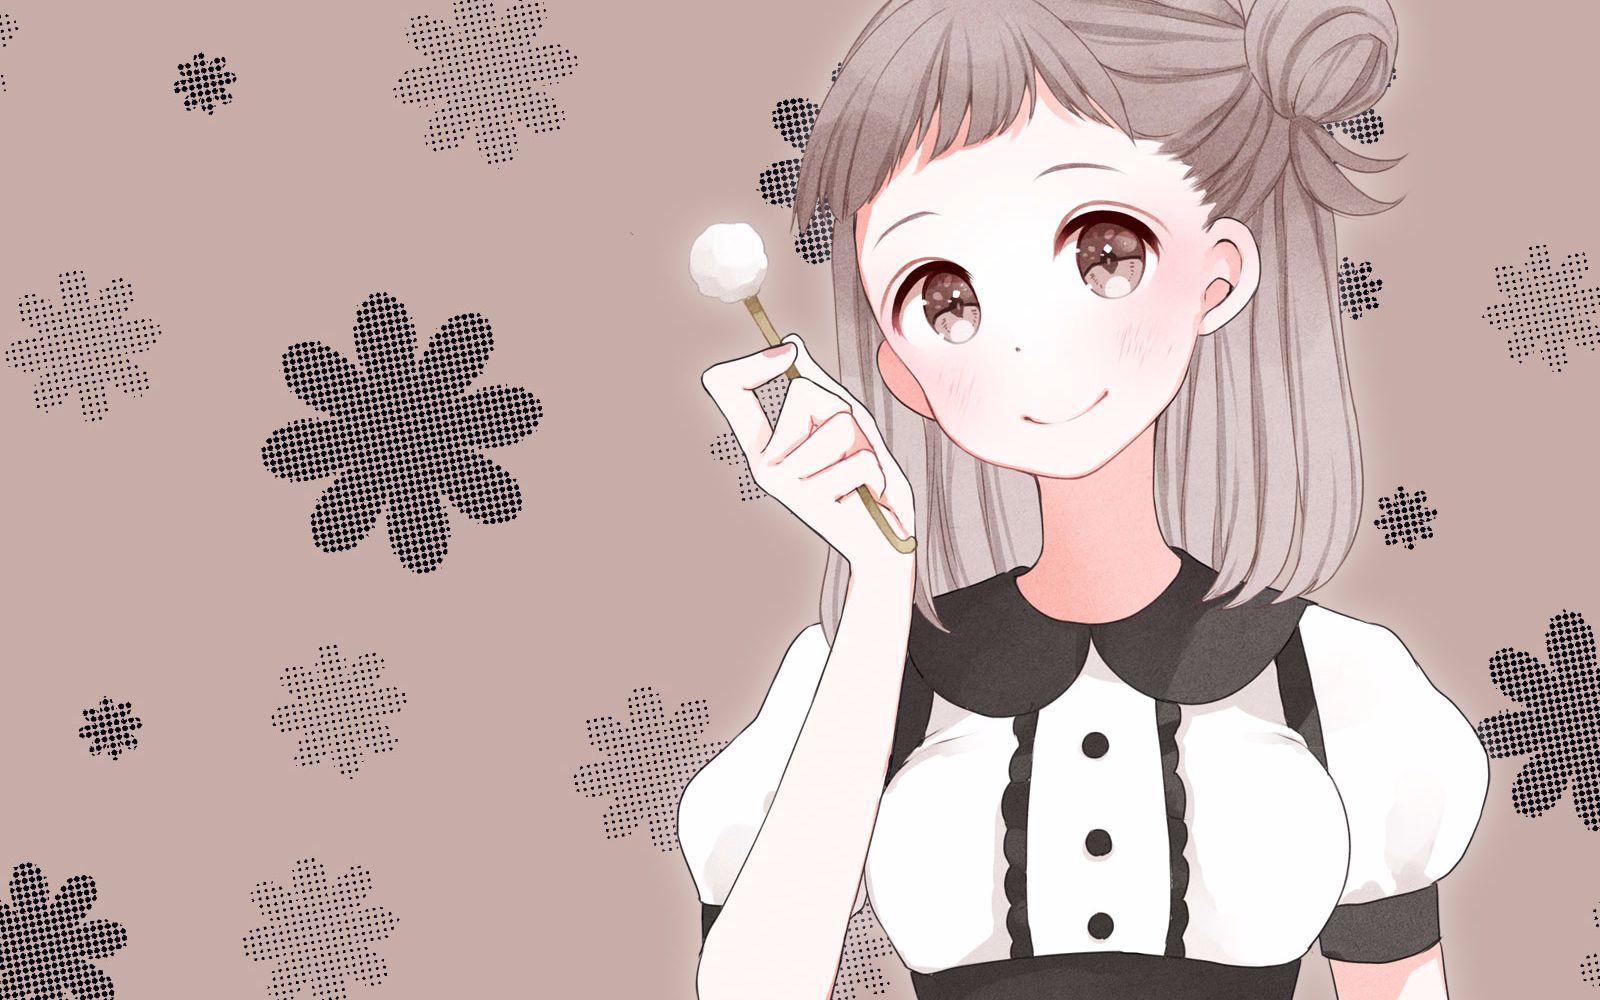 【同人音声】耳搔少女-第一弹【耳机必须】 - ACG17.COM